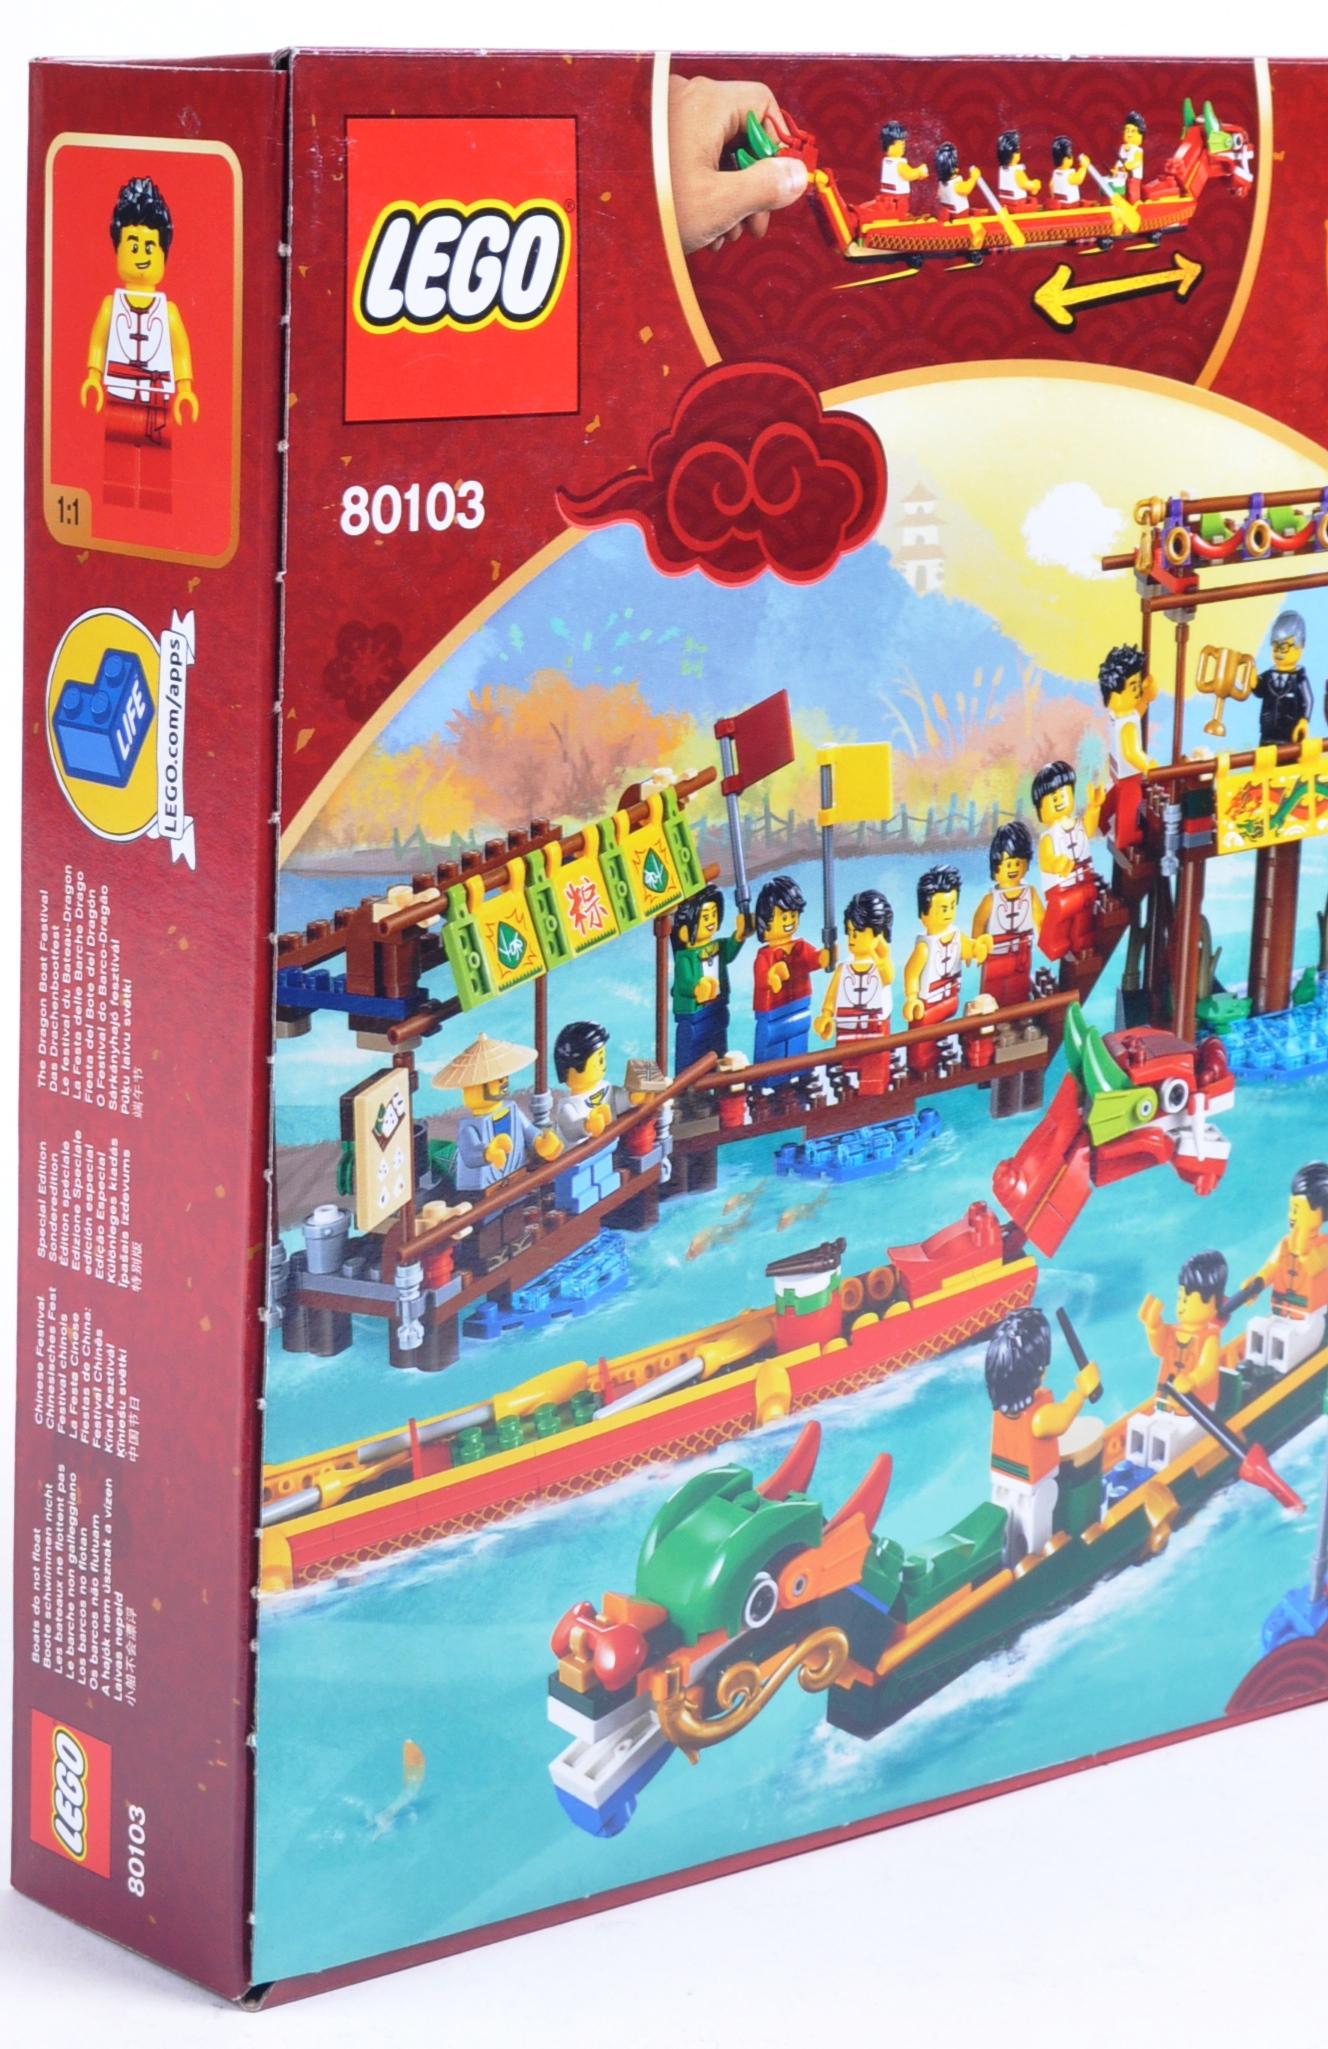 LEGO SET - 80103 - DRAGON BOAT RACE - Image 3 of 4